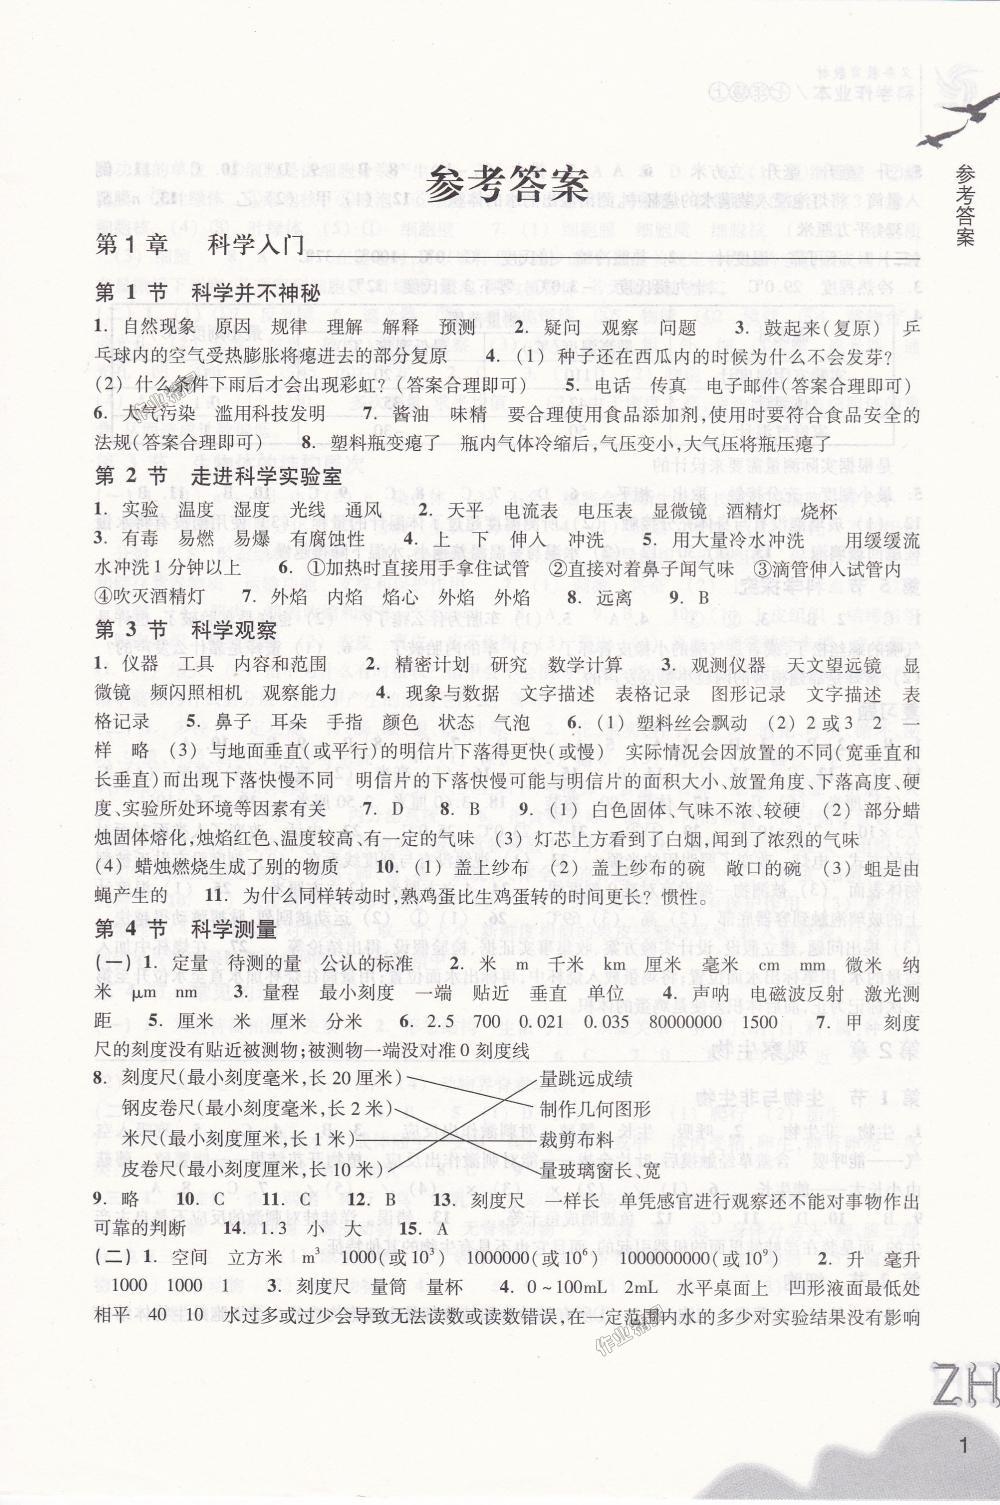 2018年作业本七年级科学上册浙教版浙江教育出版社第1页